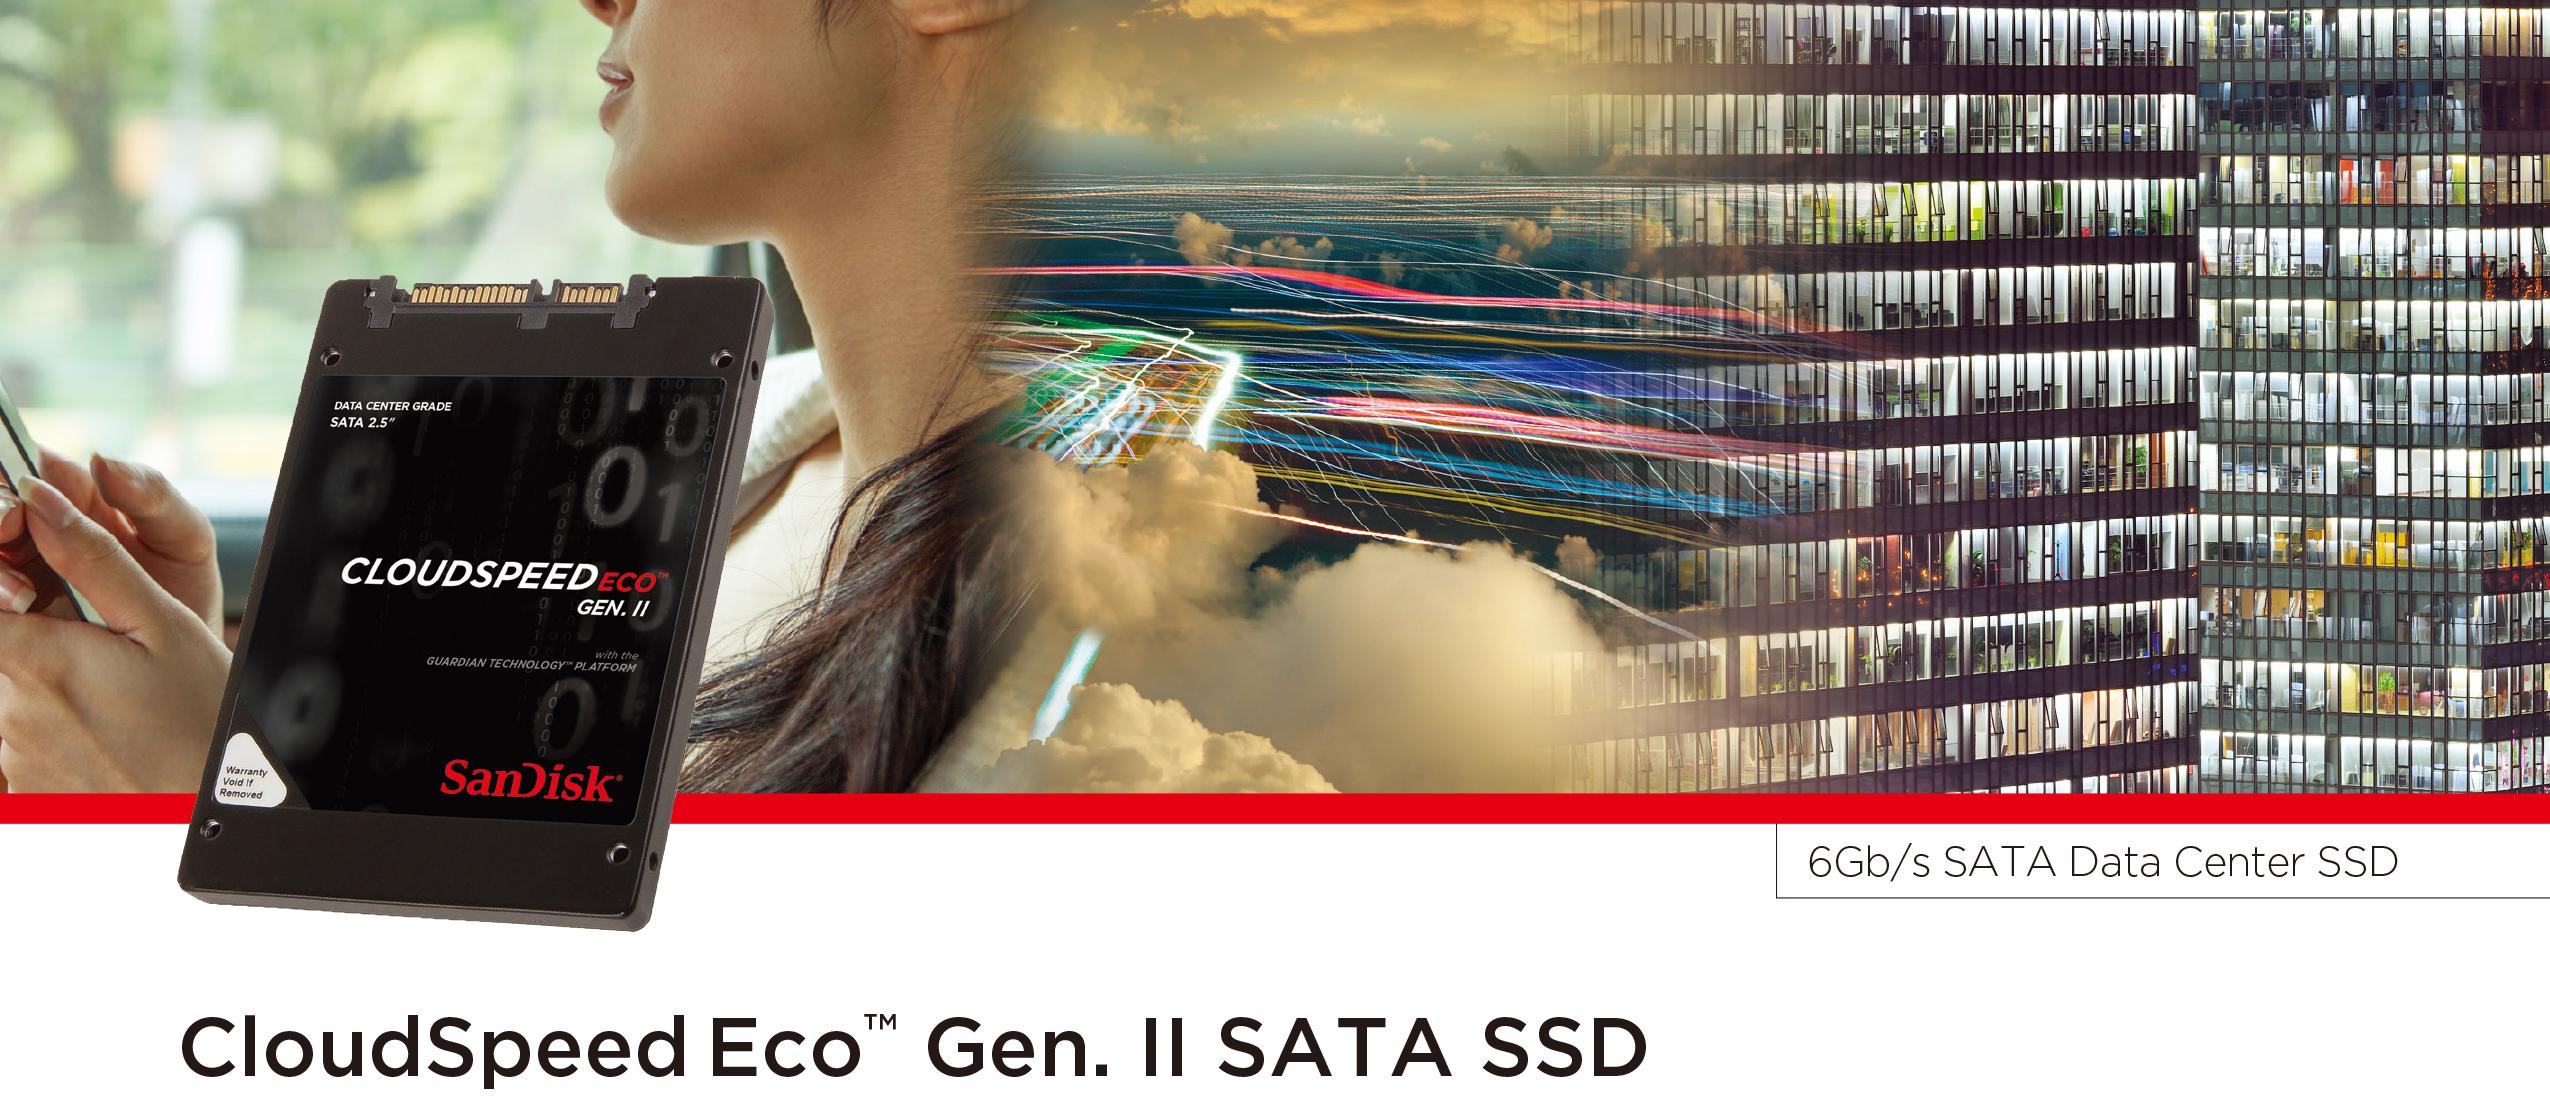 闪迪 SDLF1CRR-019T-1HA1 1.92T 0.6DWD 2.5 SATA SSD 企业级云速系列 EMLC颗粒 耐写度高